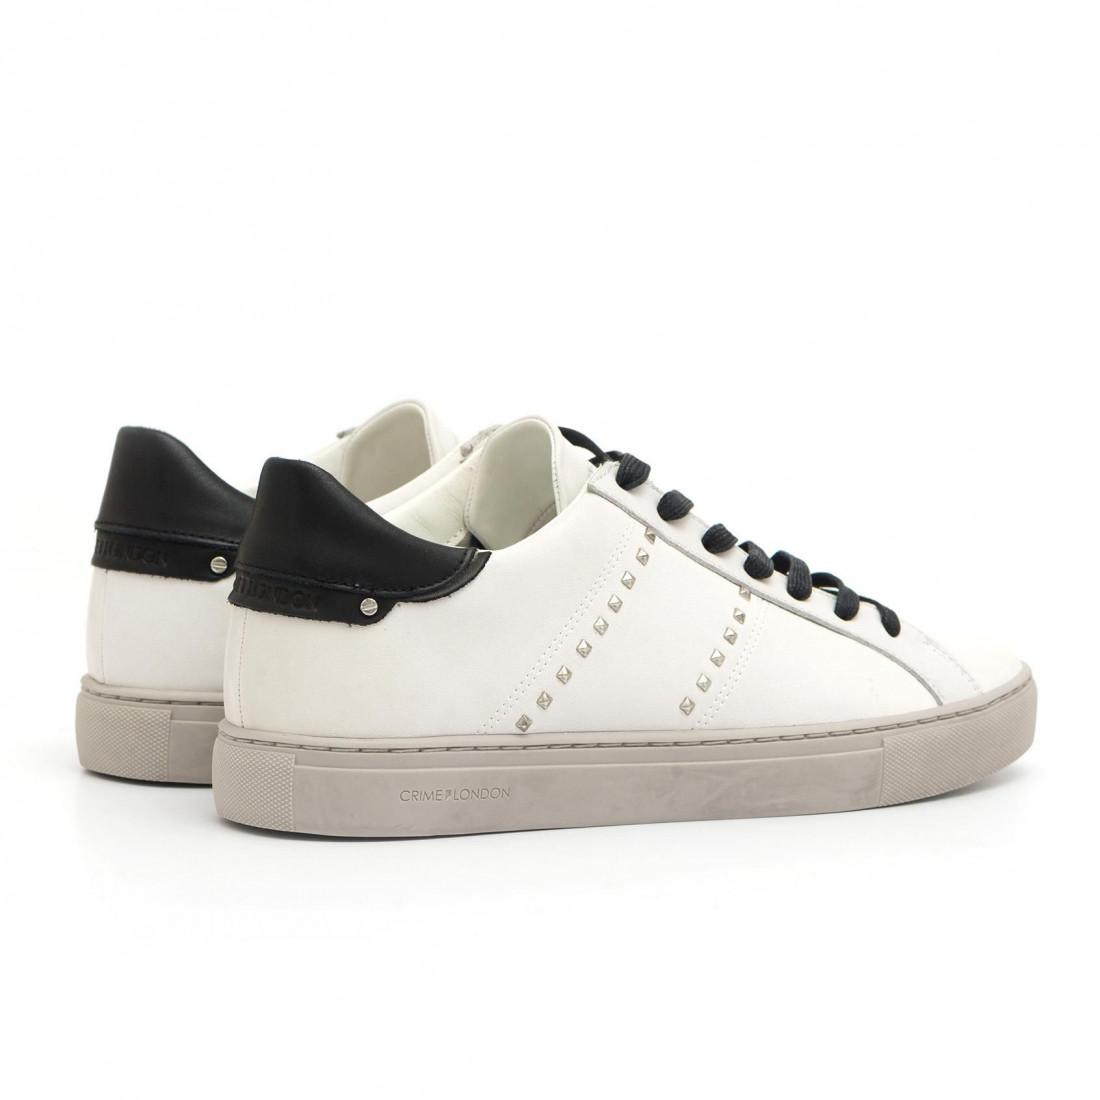 sneakers herren crime london 1122110 2750